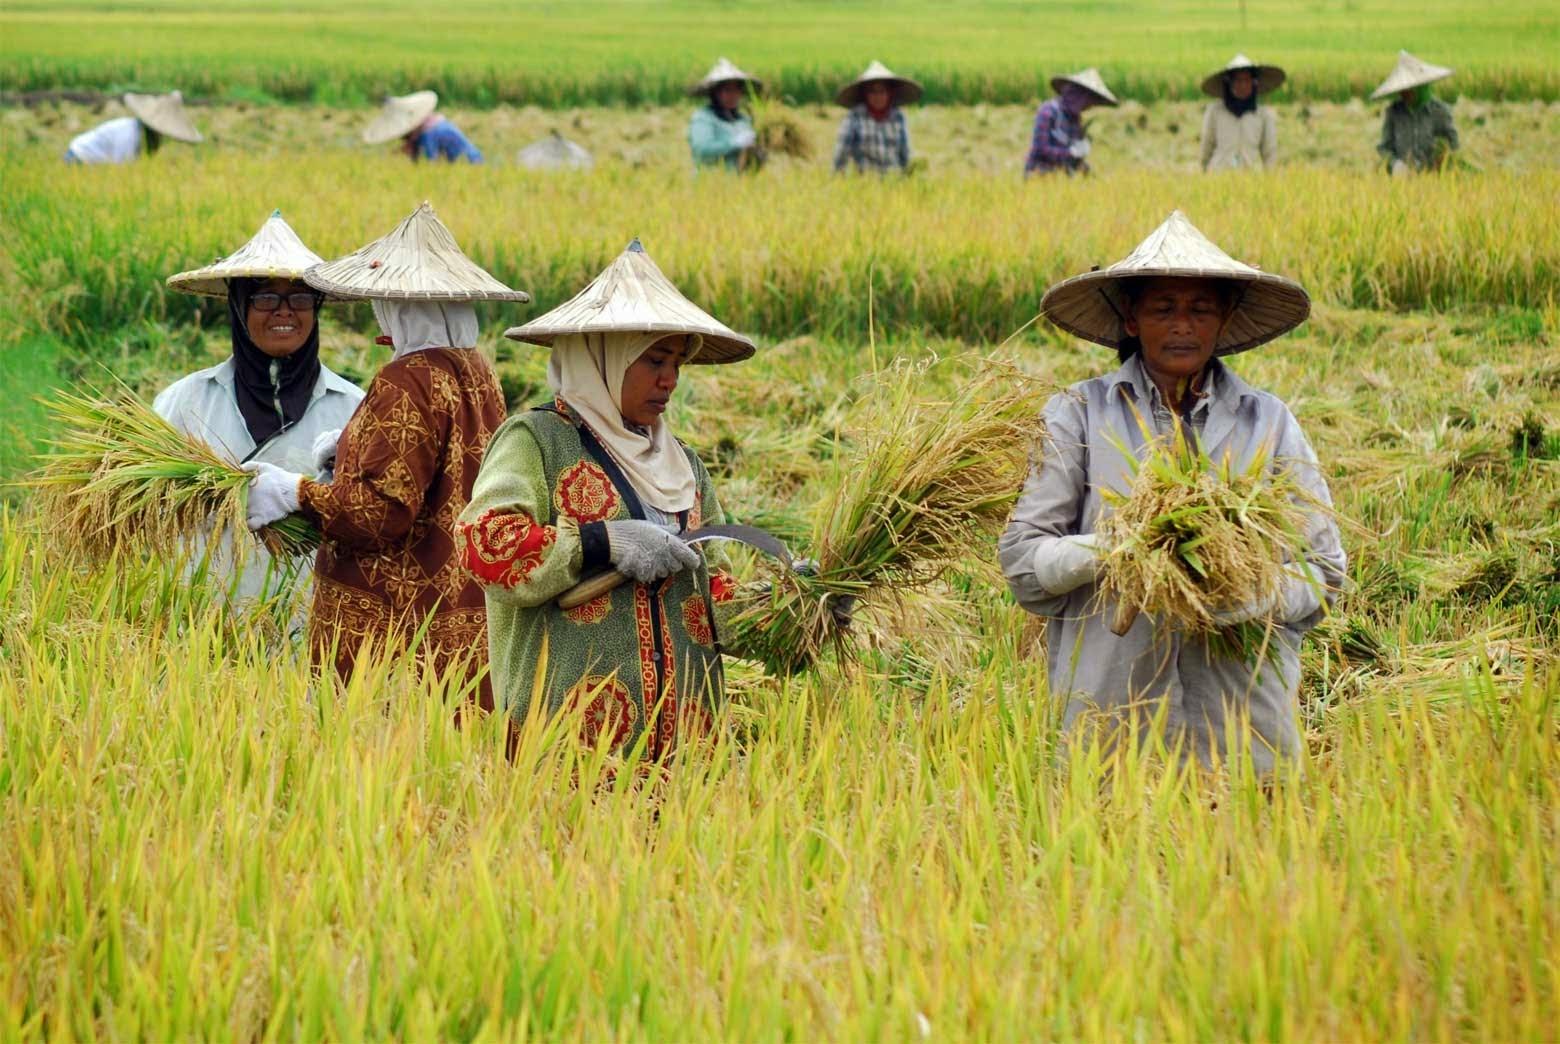 Kelembagaan Ekonomi Pertanian Petani Berdasi Gambar Kerja